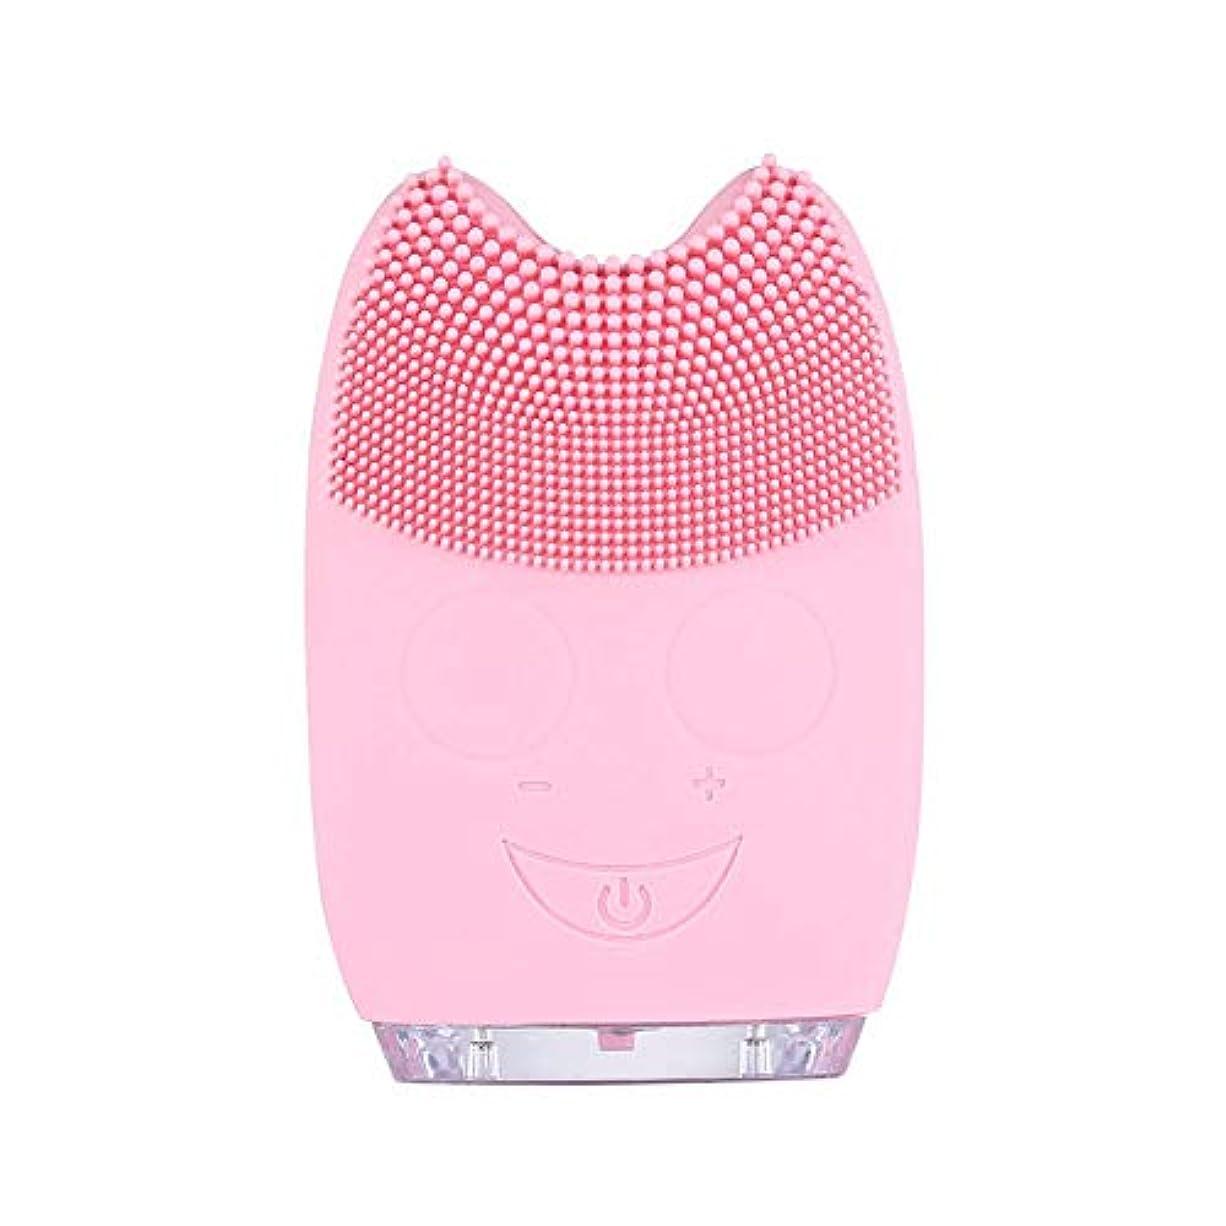 語送信する退院洗顔ブラシ ソニックフェイシャルクレンジングブラシマッサージャー充電式電気シリコーン剥離フェイススクラブブラシ ディープクレンジングスキンケア用 (色 : ピンク, サイズ : 9.8*6.4*3cm)